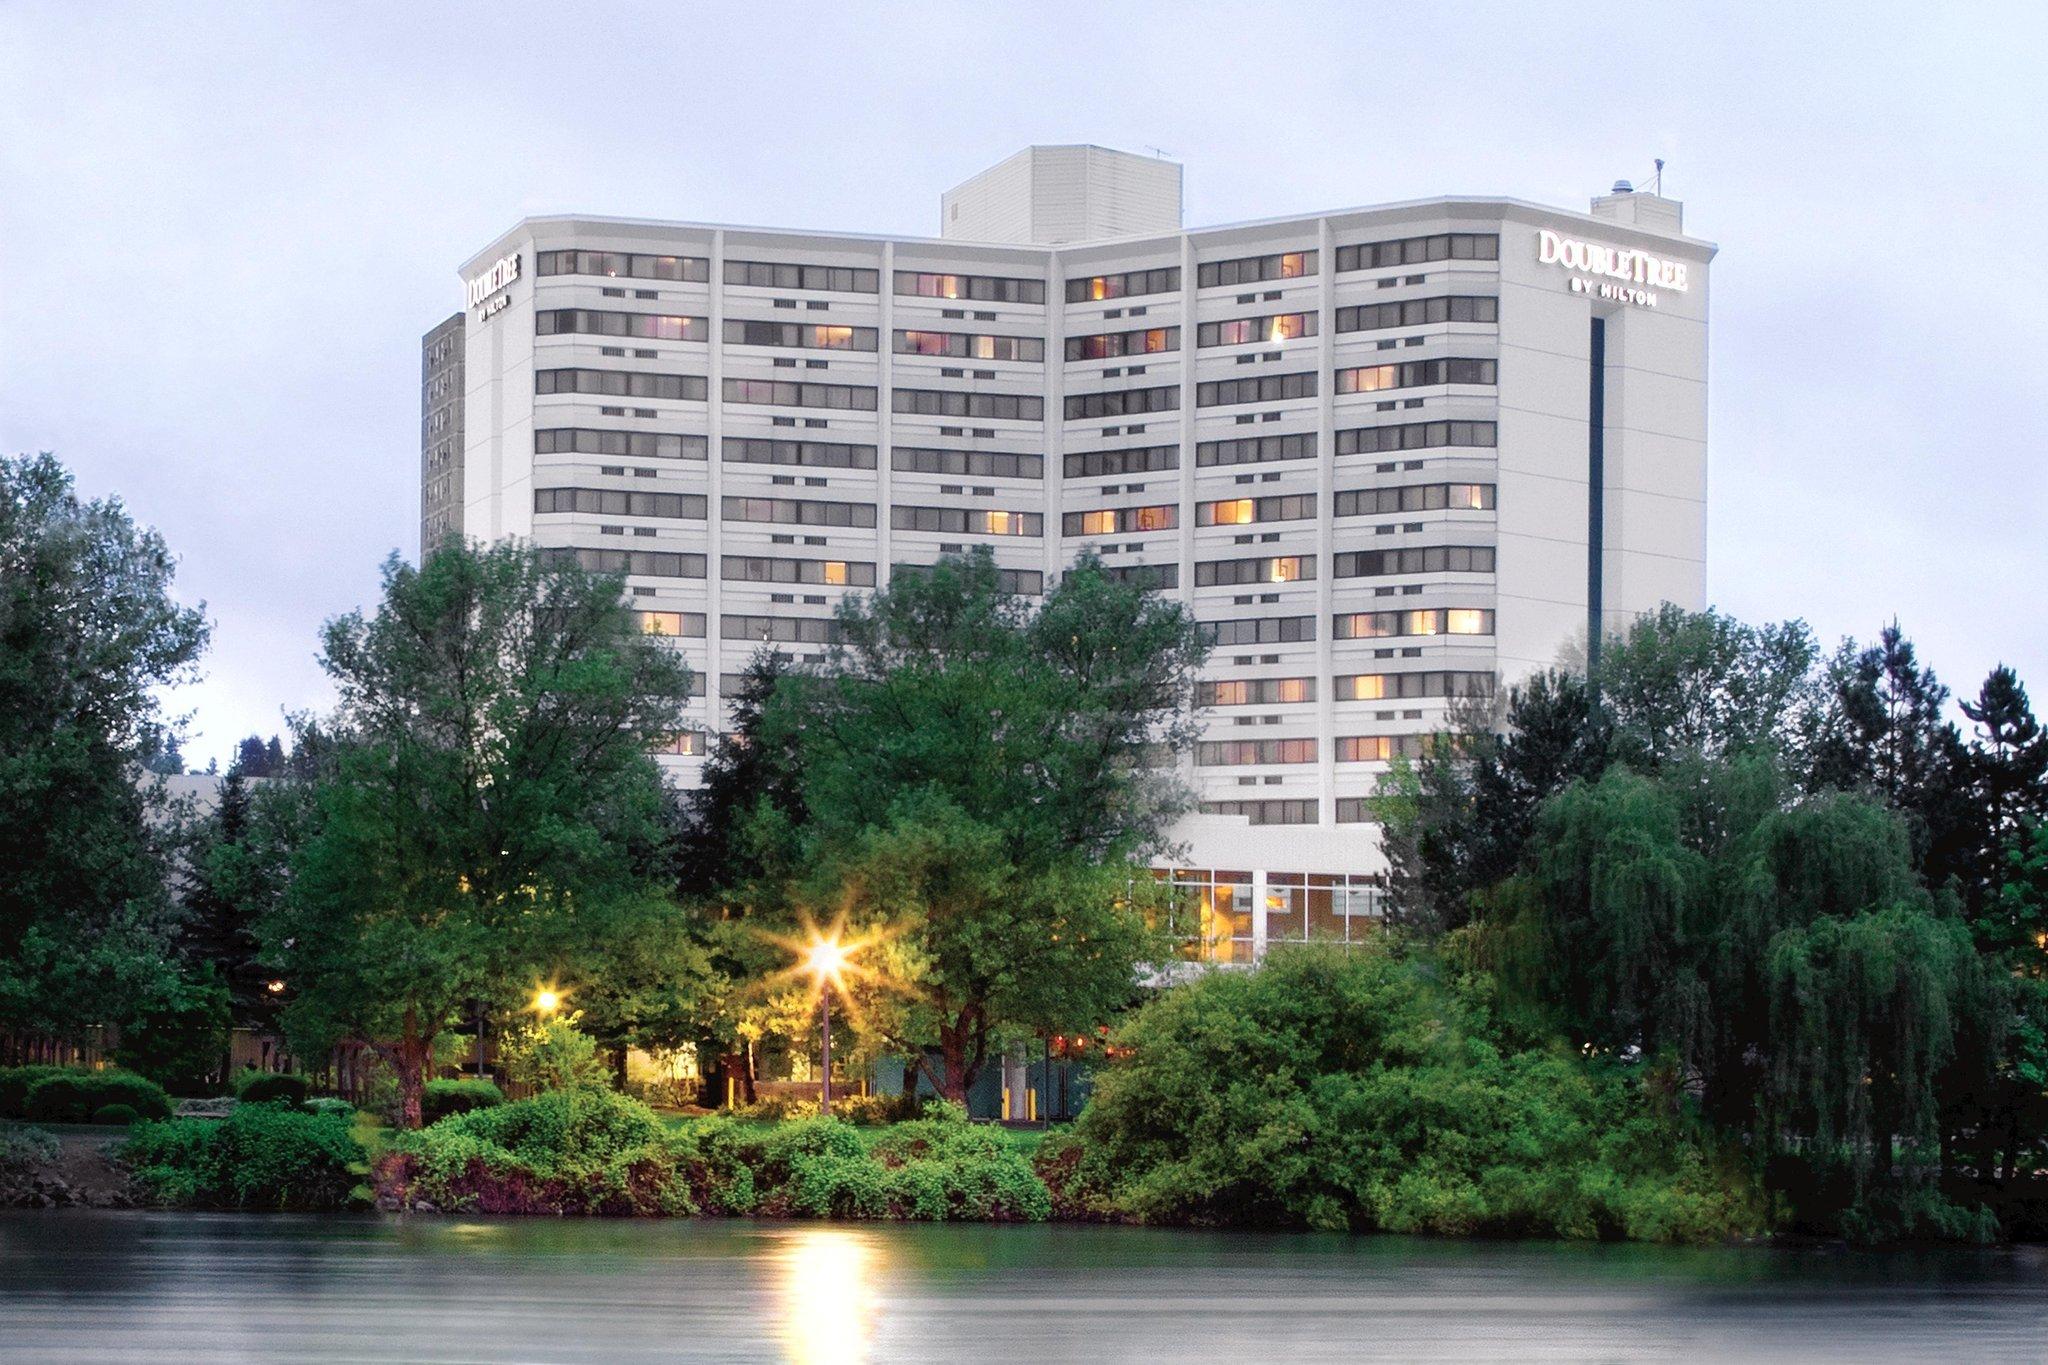 斯波坎市中心希尔顿逸林酒店